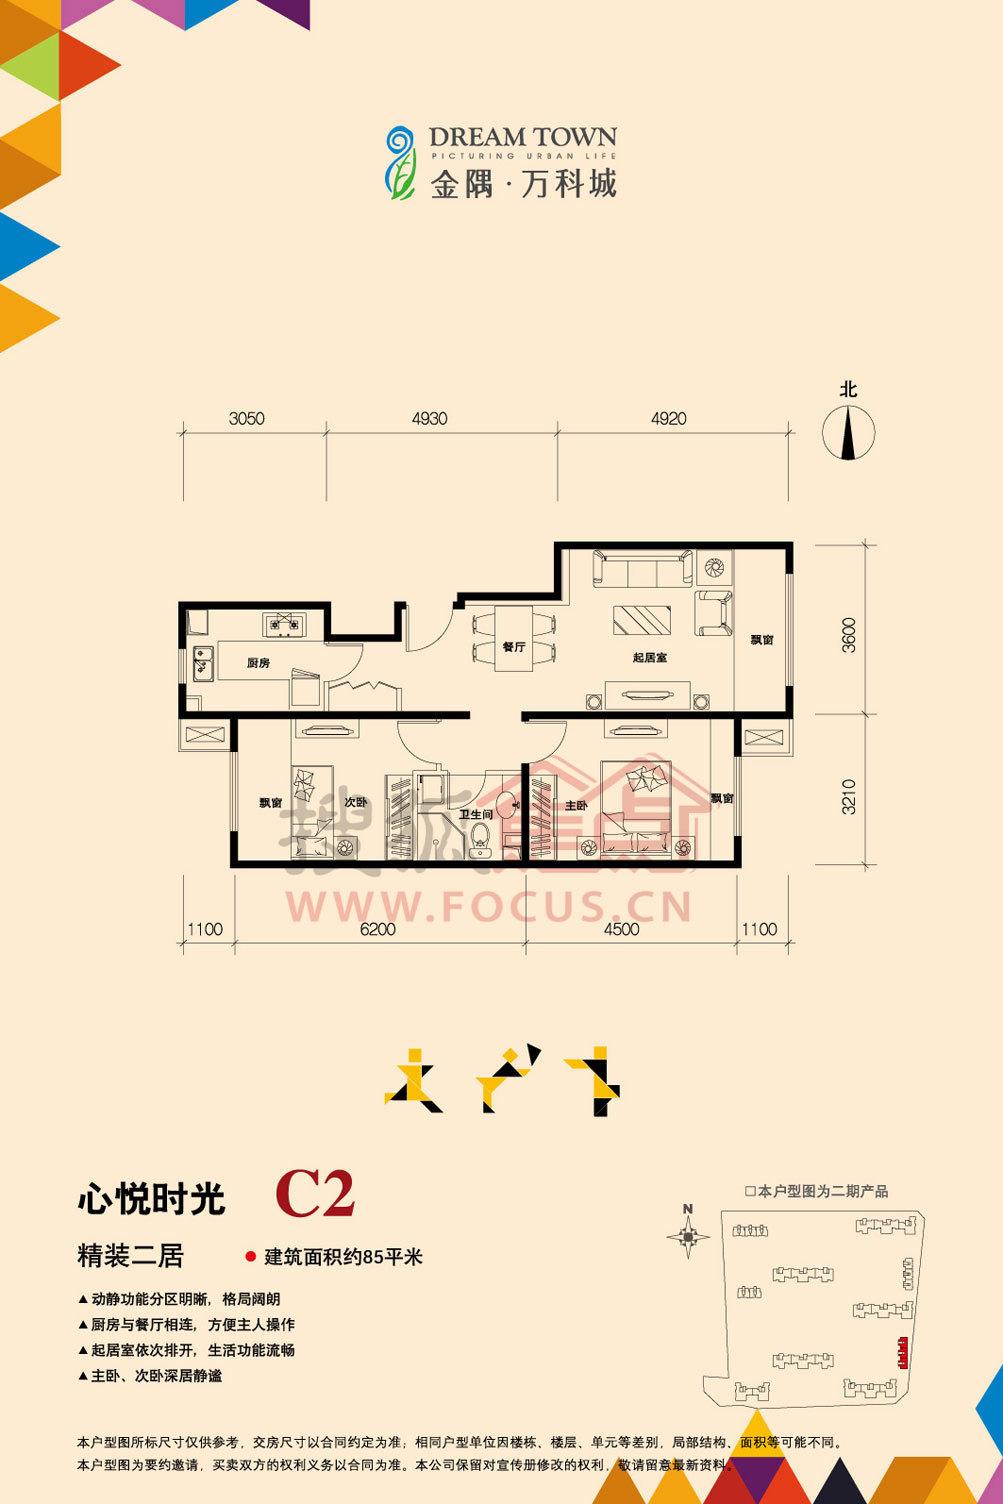 金隅万科城二期4号楼c2两室两厅一卫约75平方米户型